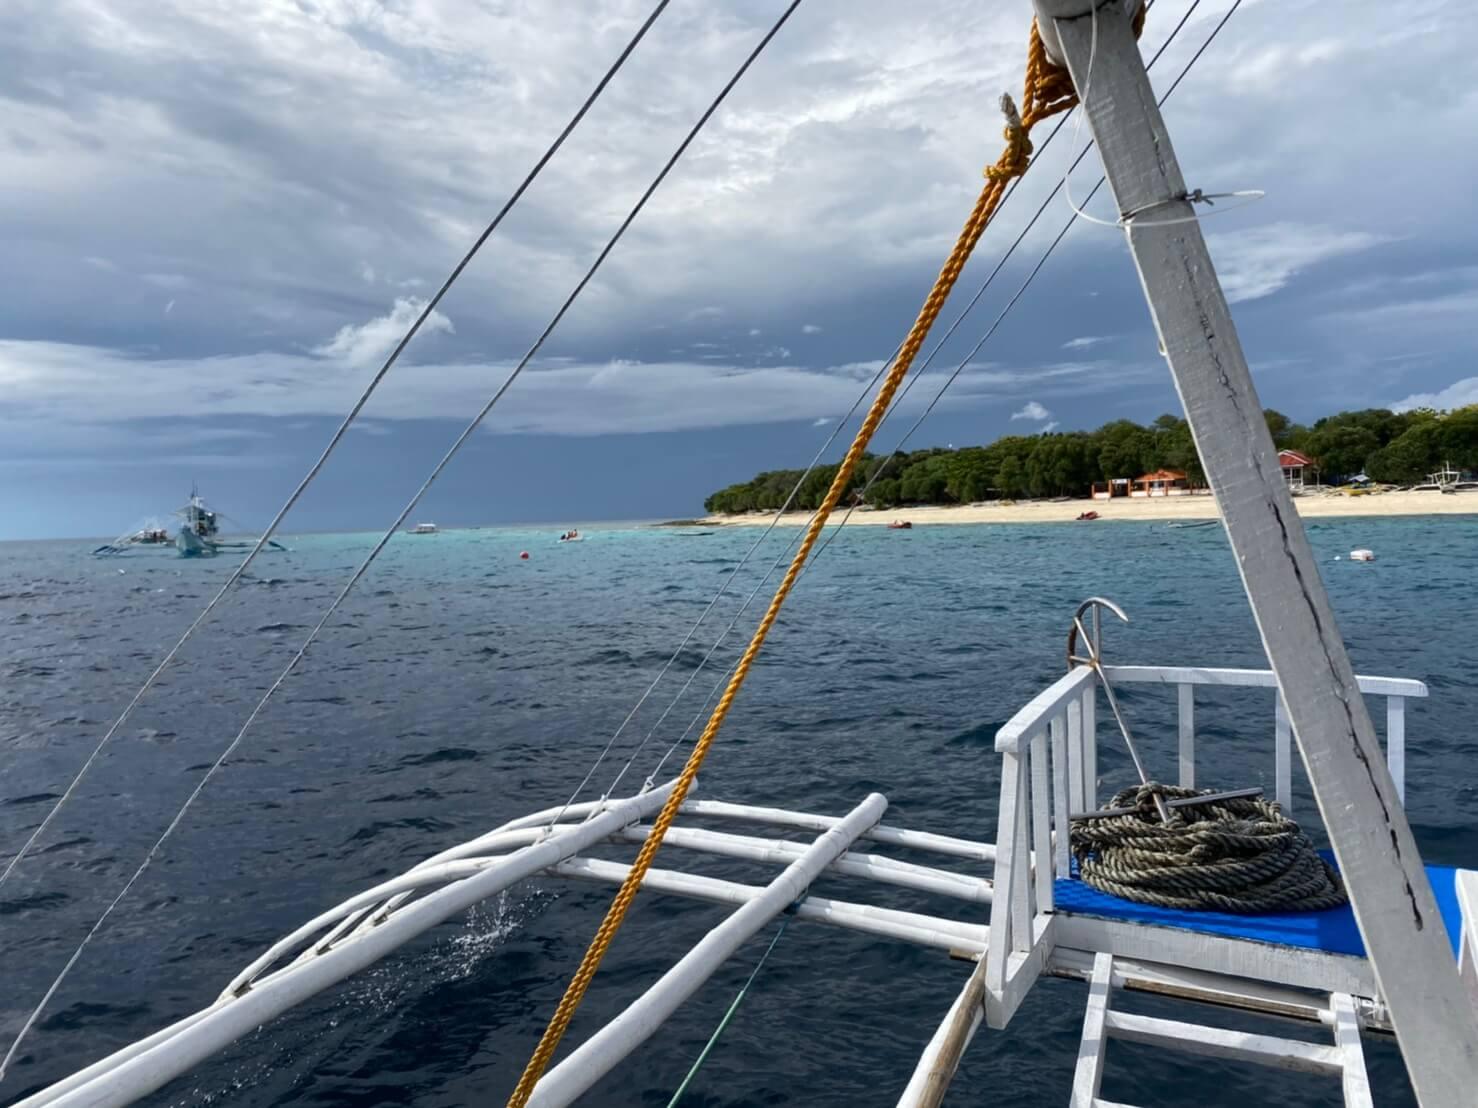 バンカーボートから見たフィリピンの海と島の写真